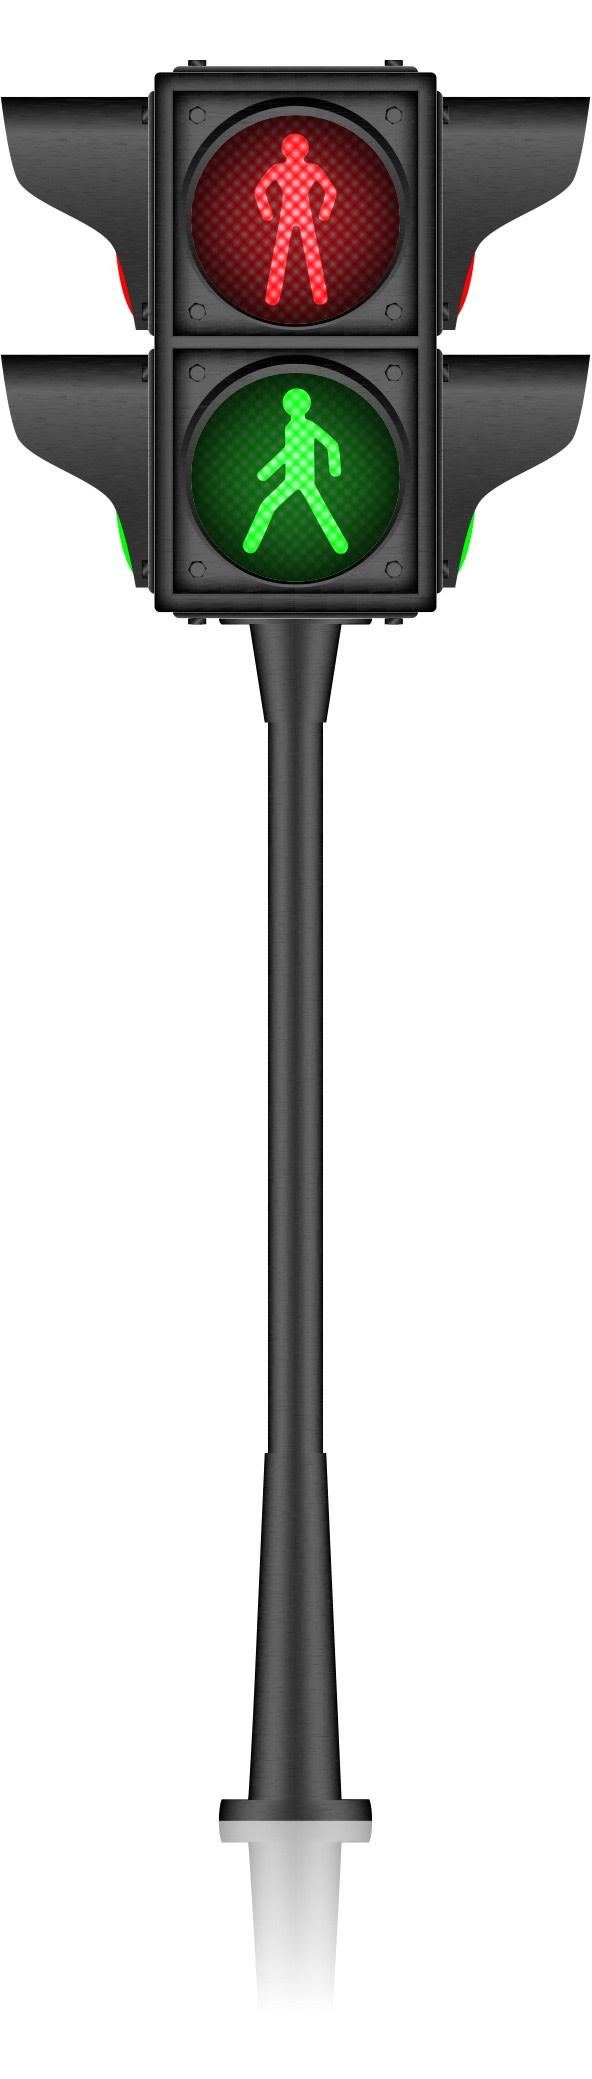 DSC-TW0917 02 stoplight